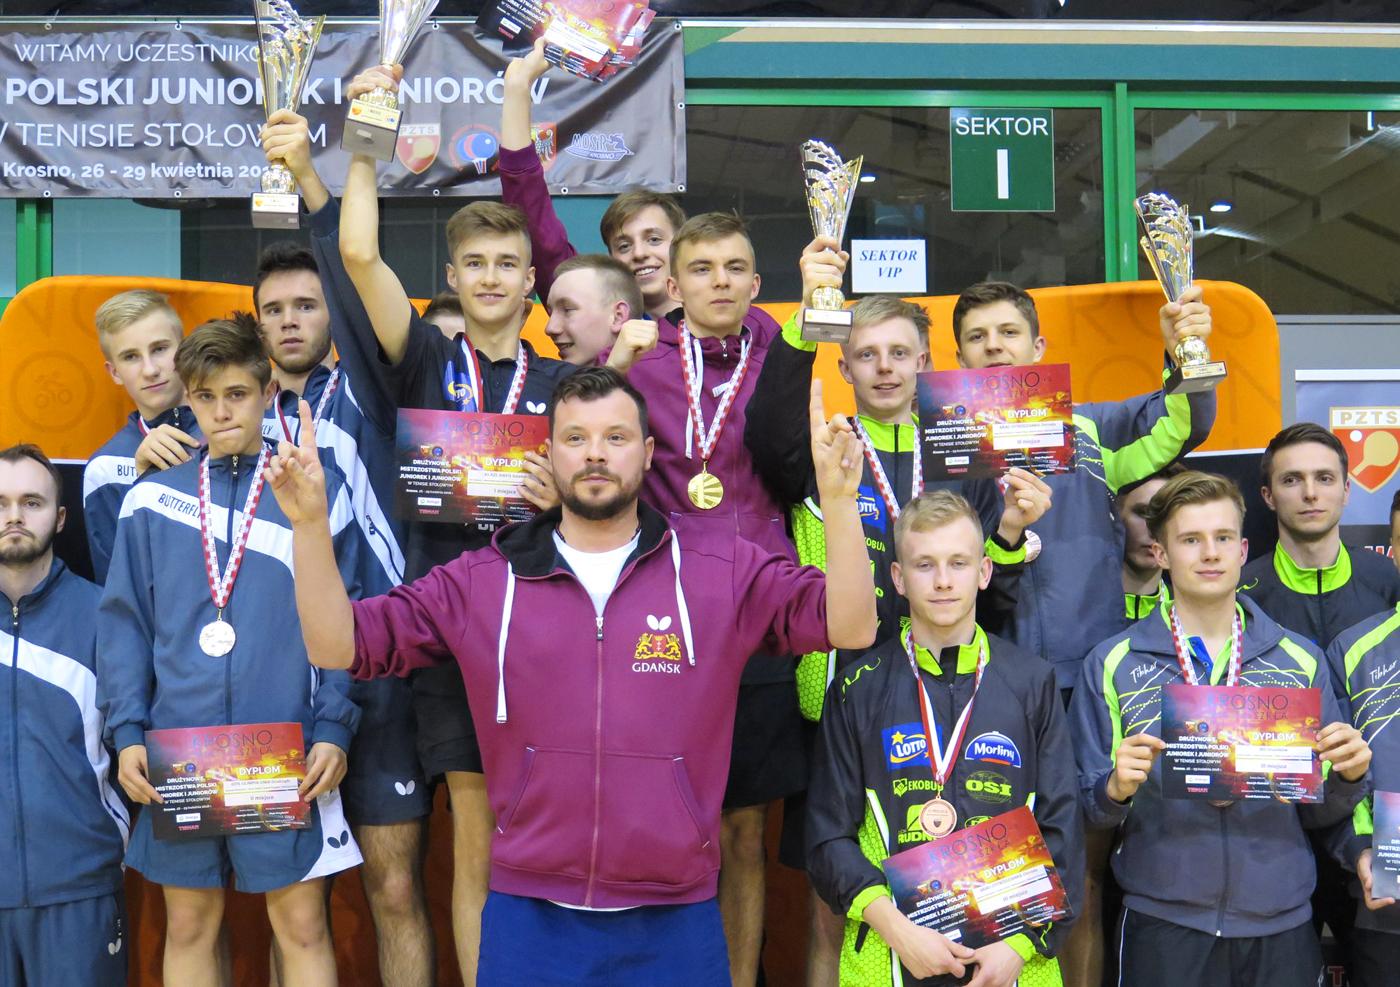 6 medali naszych zawodników na Mistrzostwa Polski Juniorów wtenisie stołowym